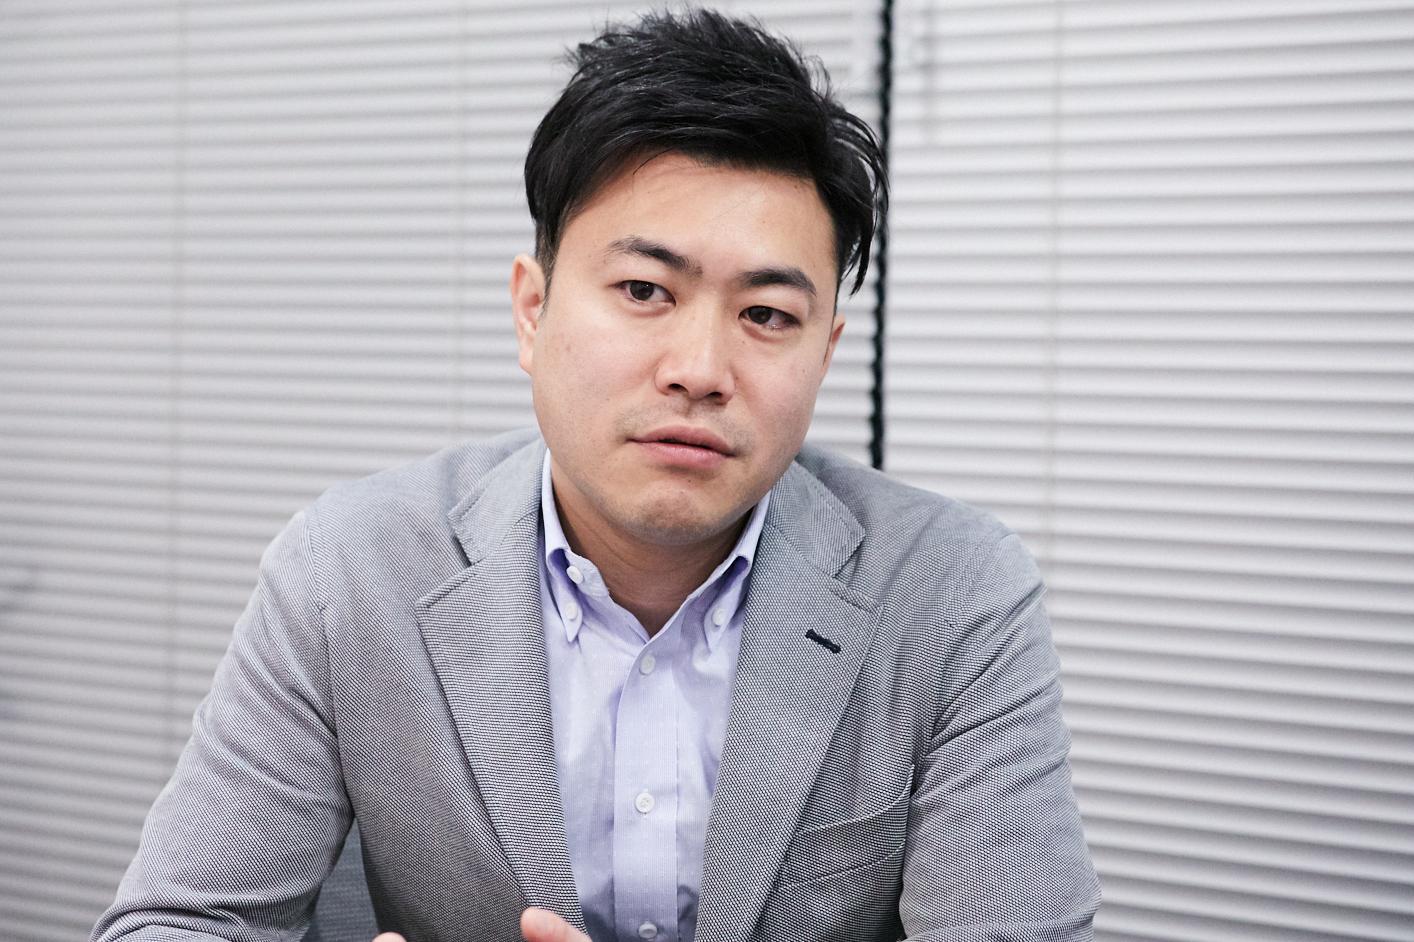 飯塚達介プロデューサー 撮影=岩間辰徳